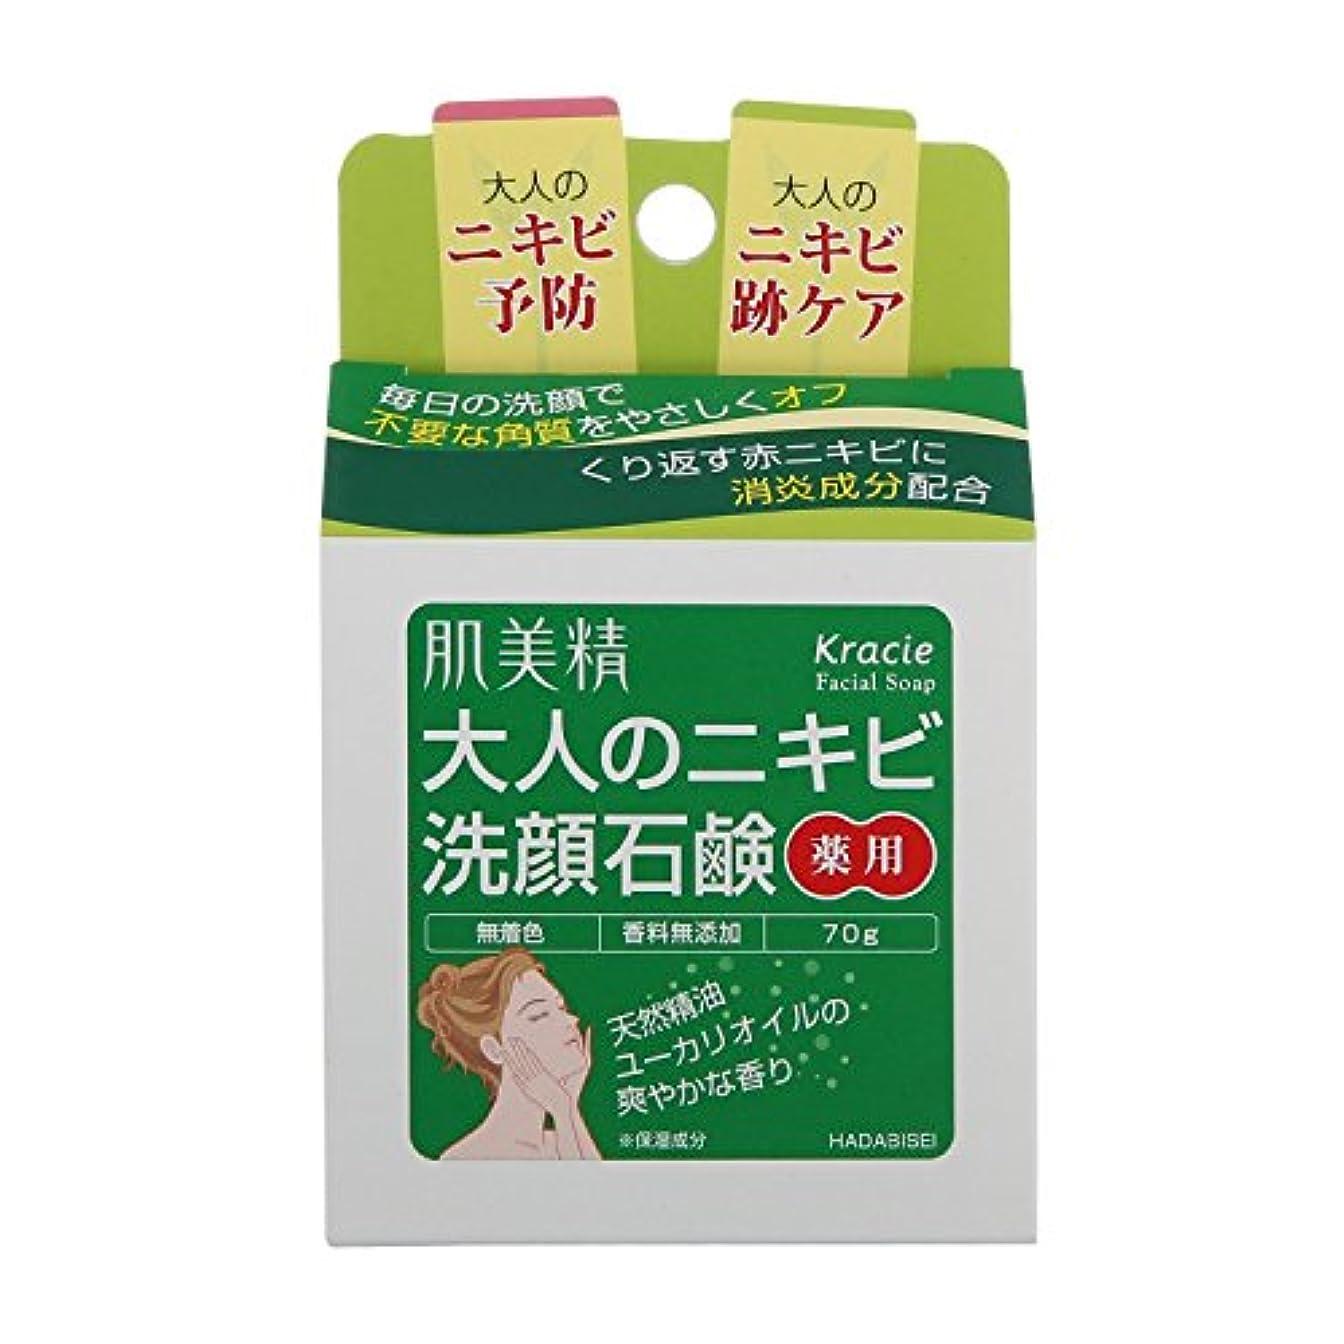 スクラッチ労働用量肌美精 大人のニキビ 薬用洗顔石鹸 70g ×6点セット